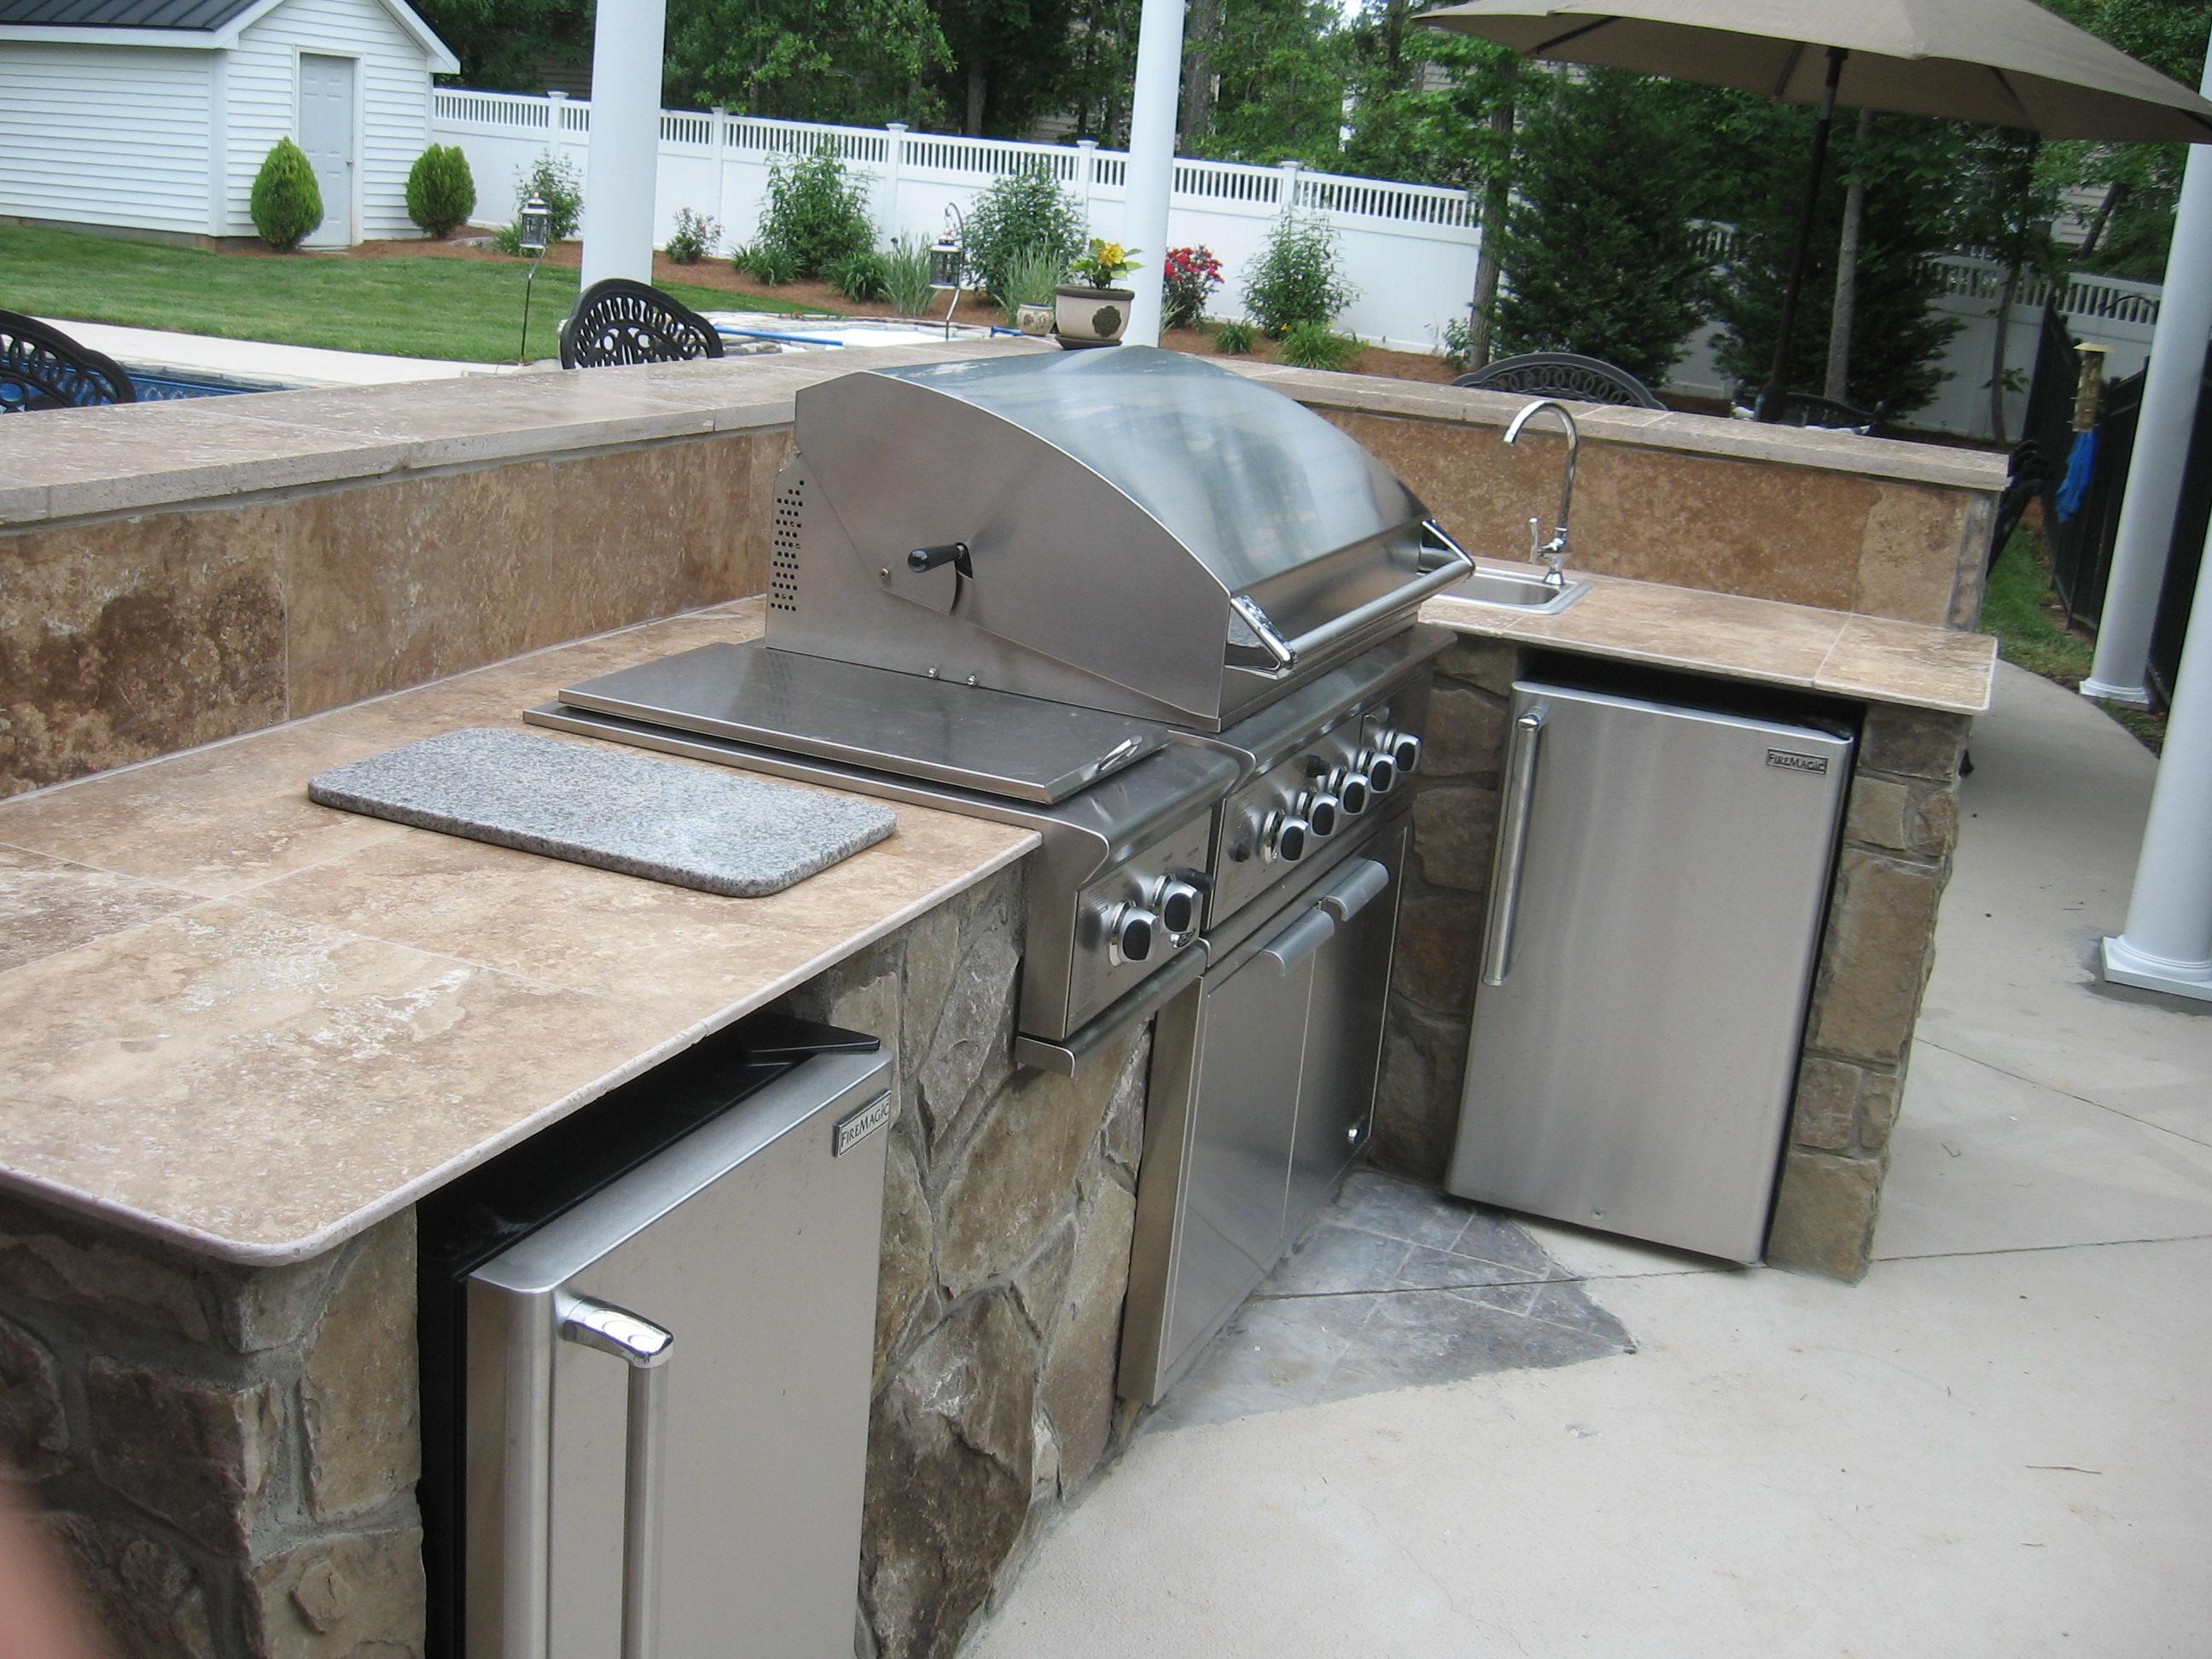 Inexpensive kitchen appliances Photo - 5